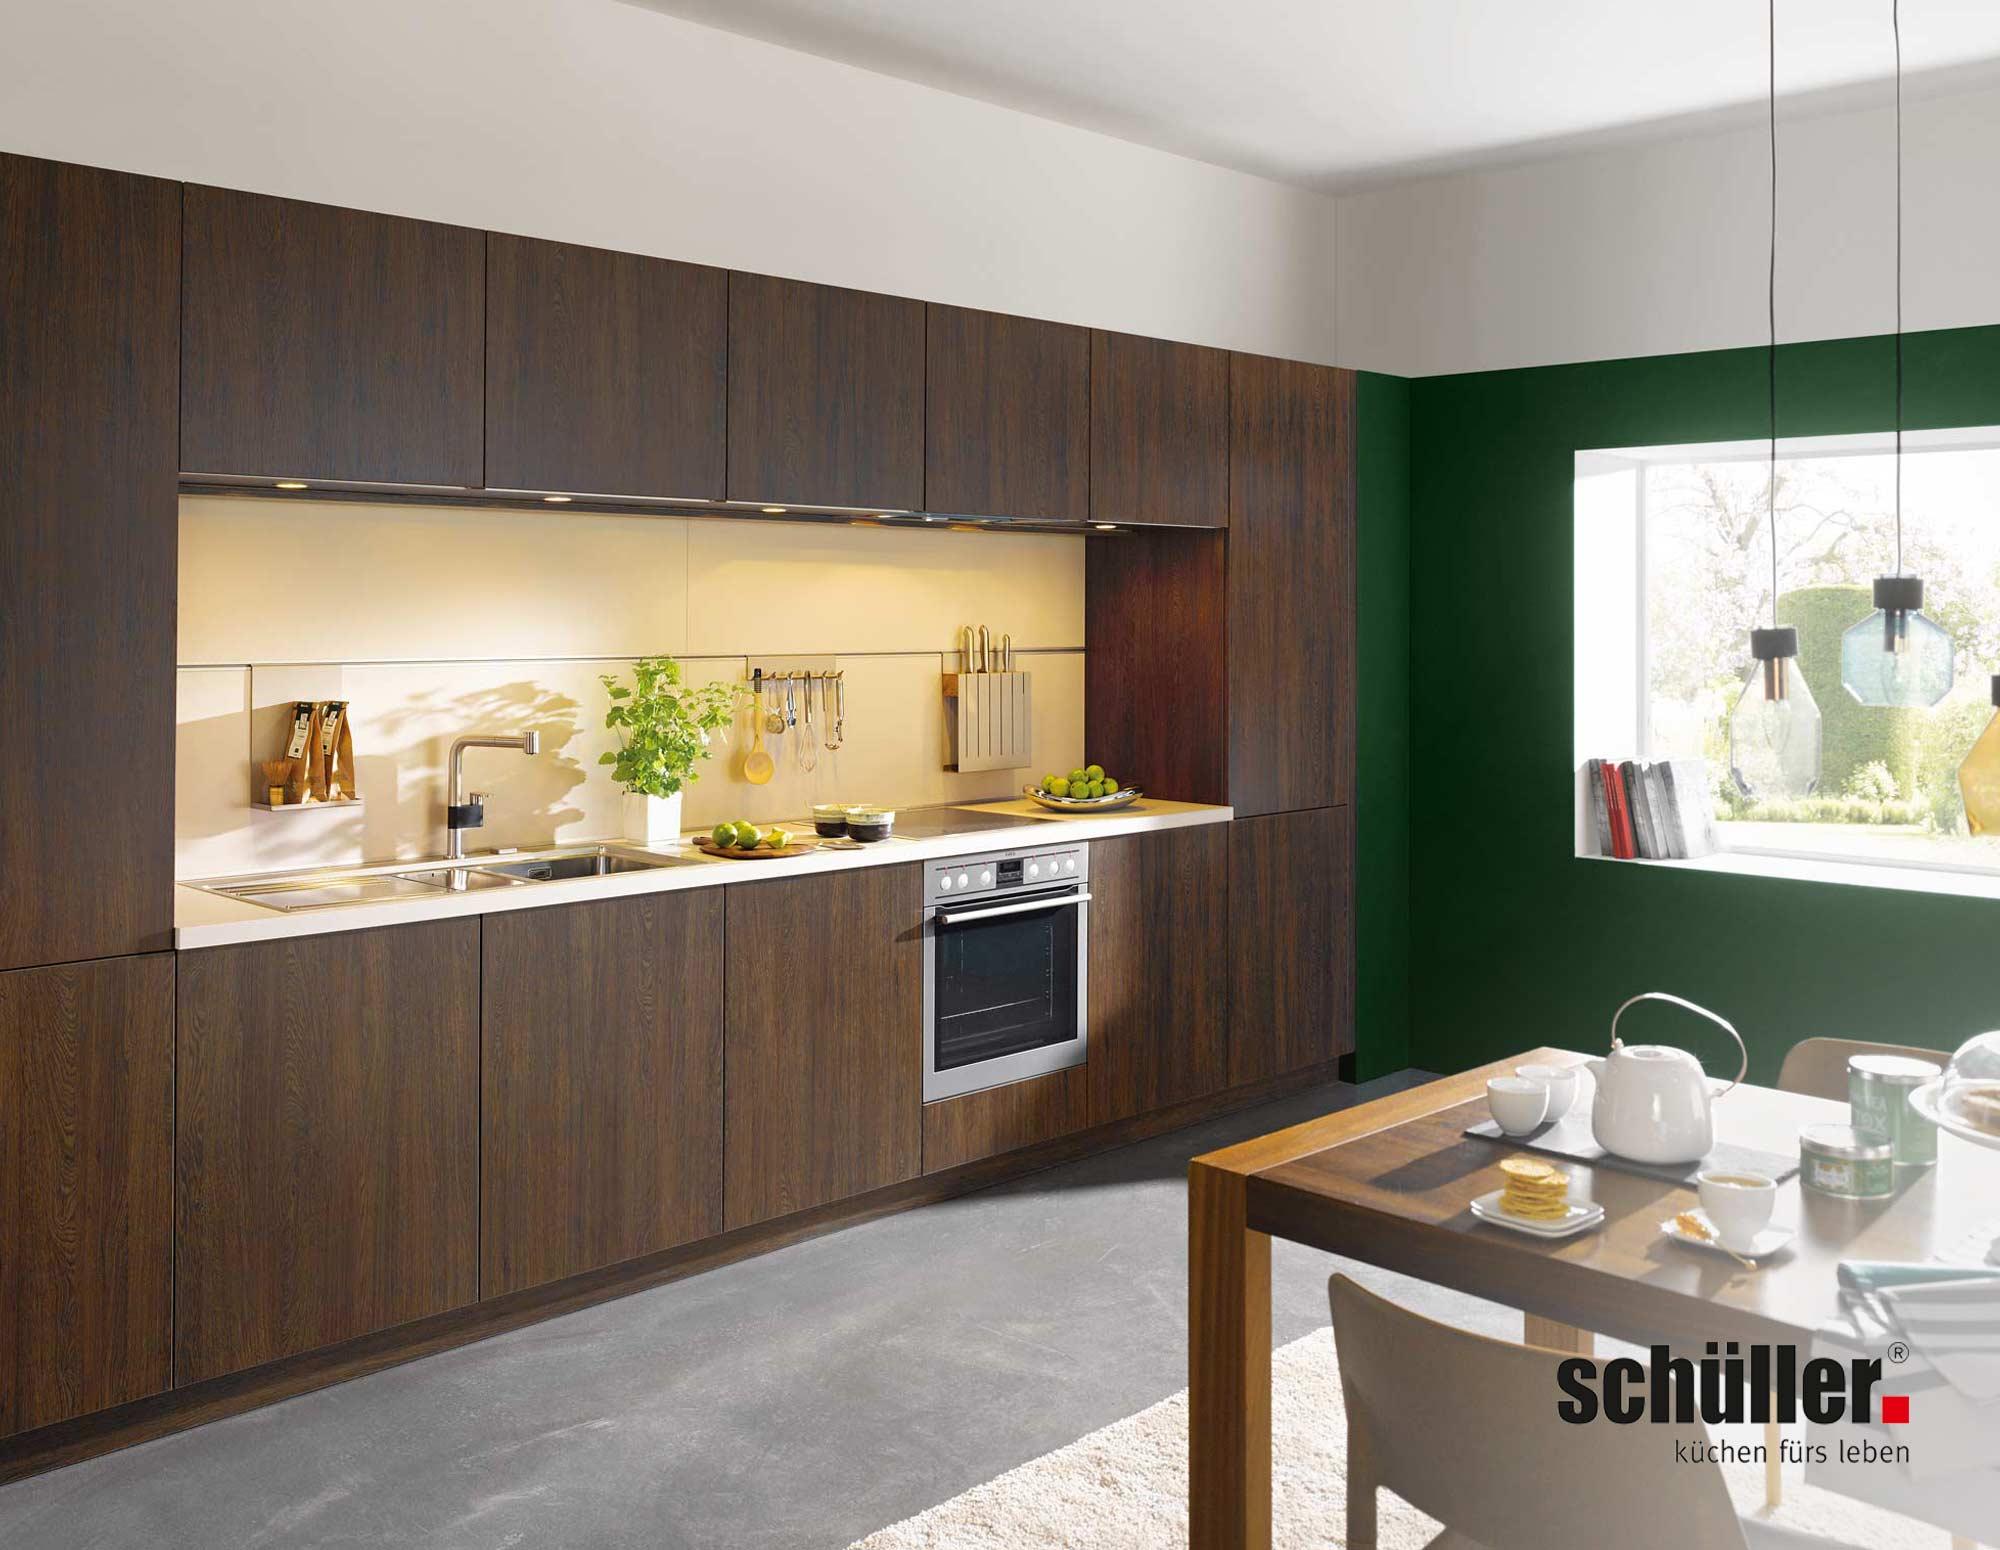 Schüller Cremona Küchenzeile in Eiche Nachbildung